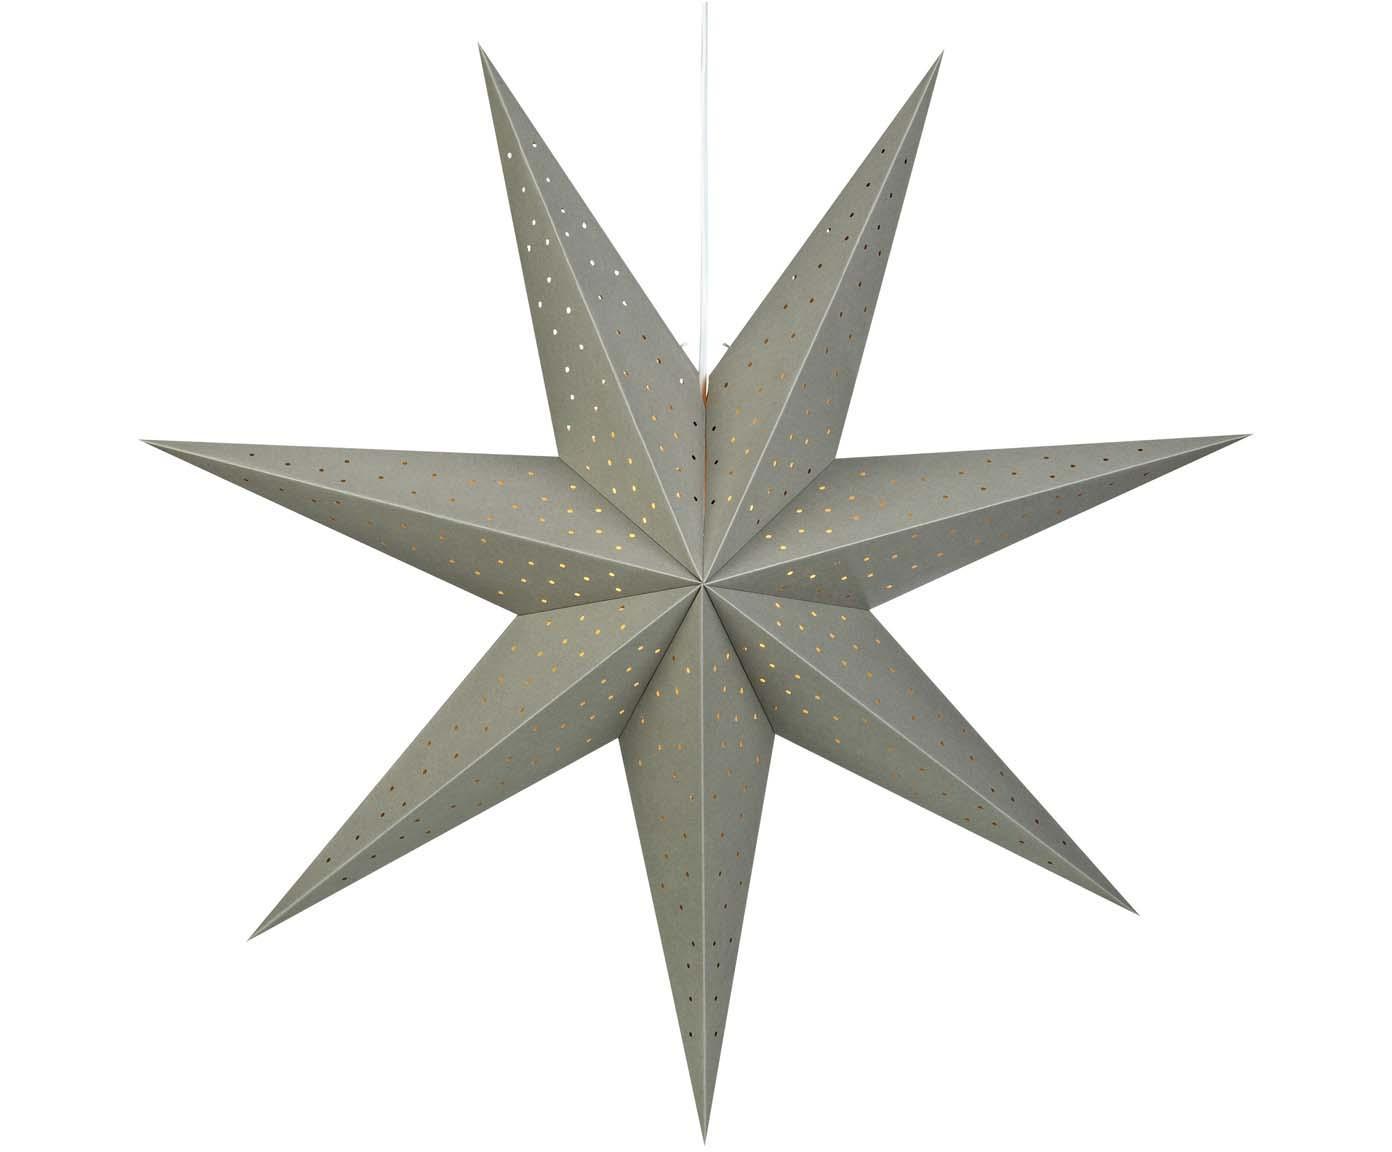 Kerstster Morris, Grijs, Ø 75 cm